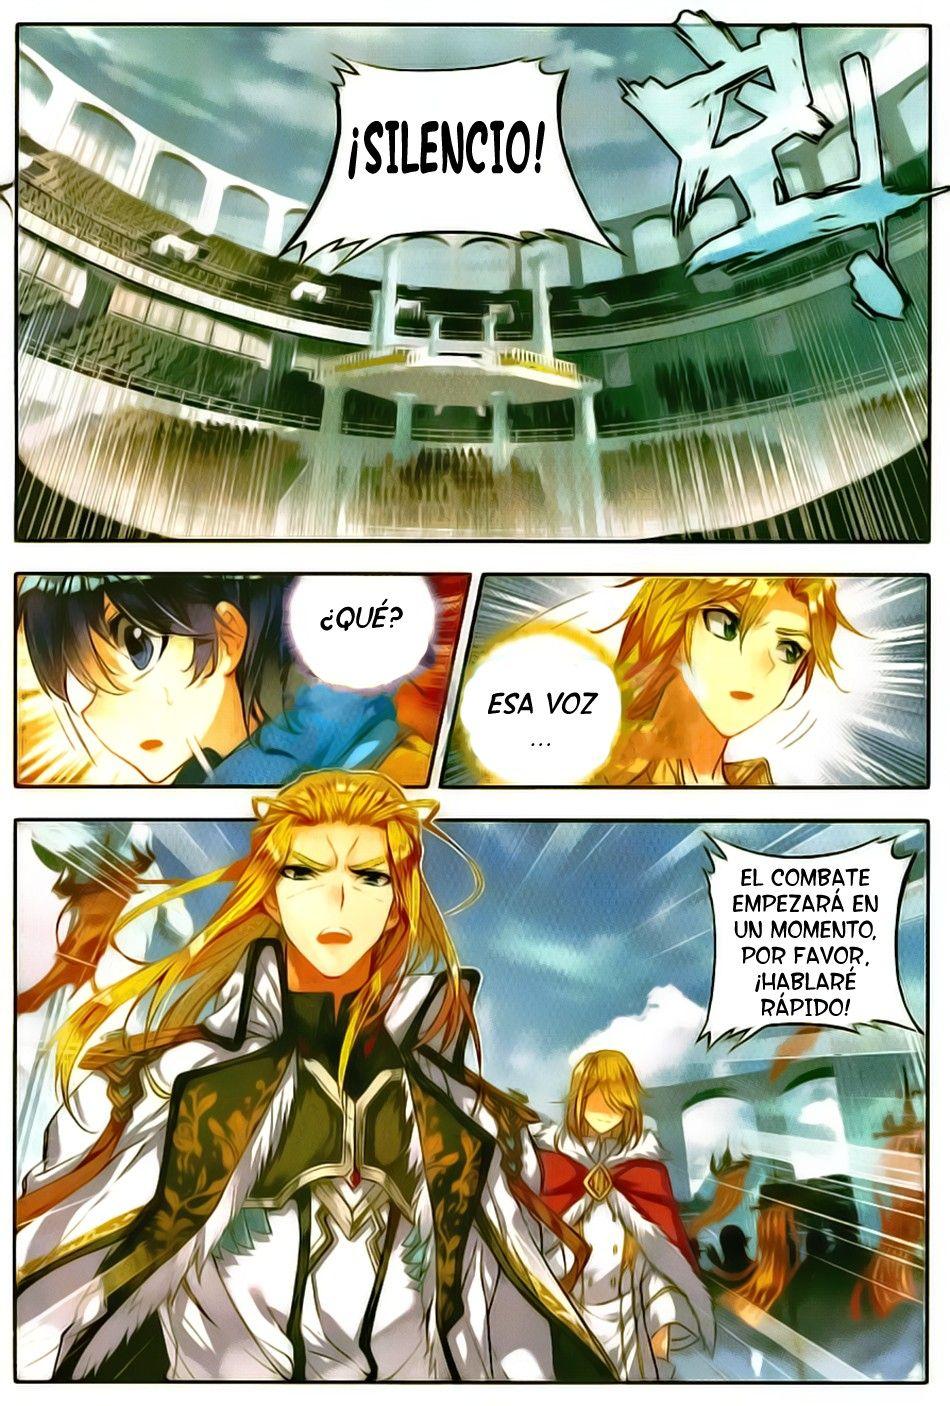 http://c5.ninemanga.com/es_manga/pic2/33/16417/514027/4ac72cb4b89b324c15f47b604647d562.jpg Page 6